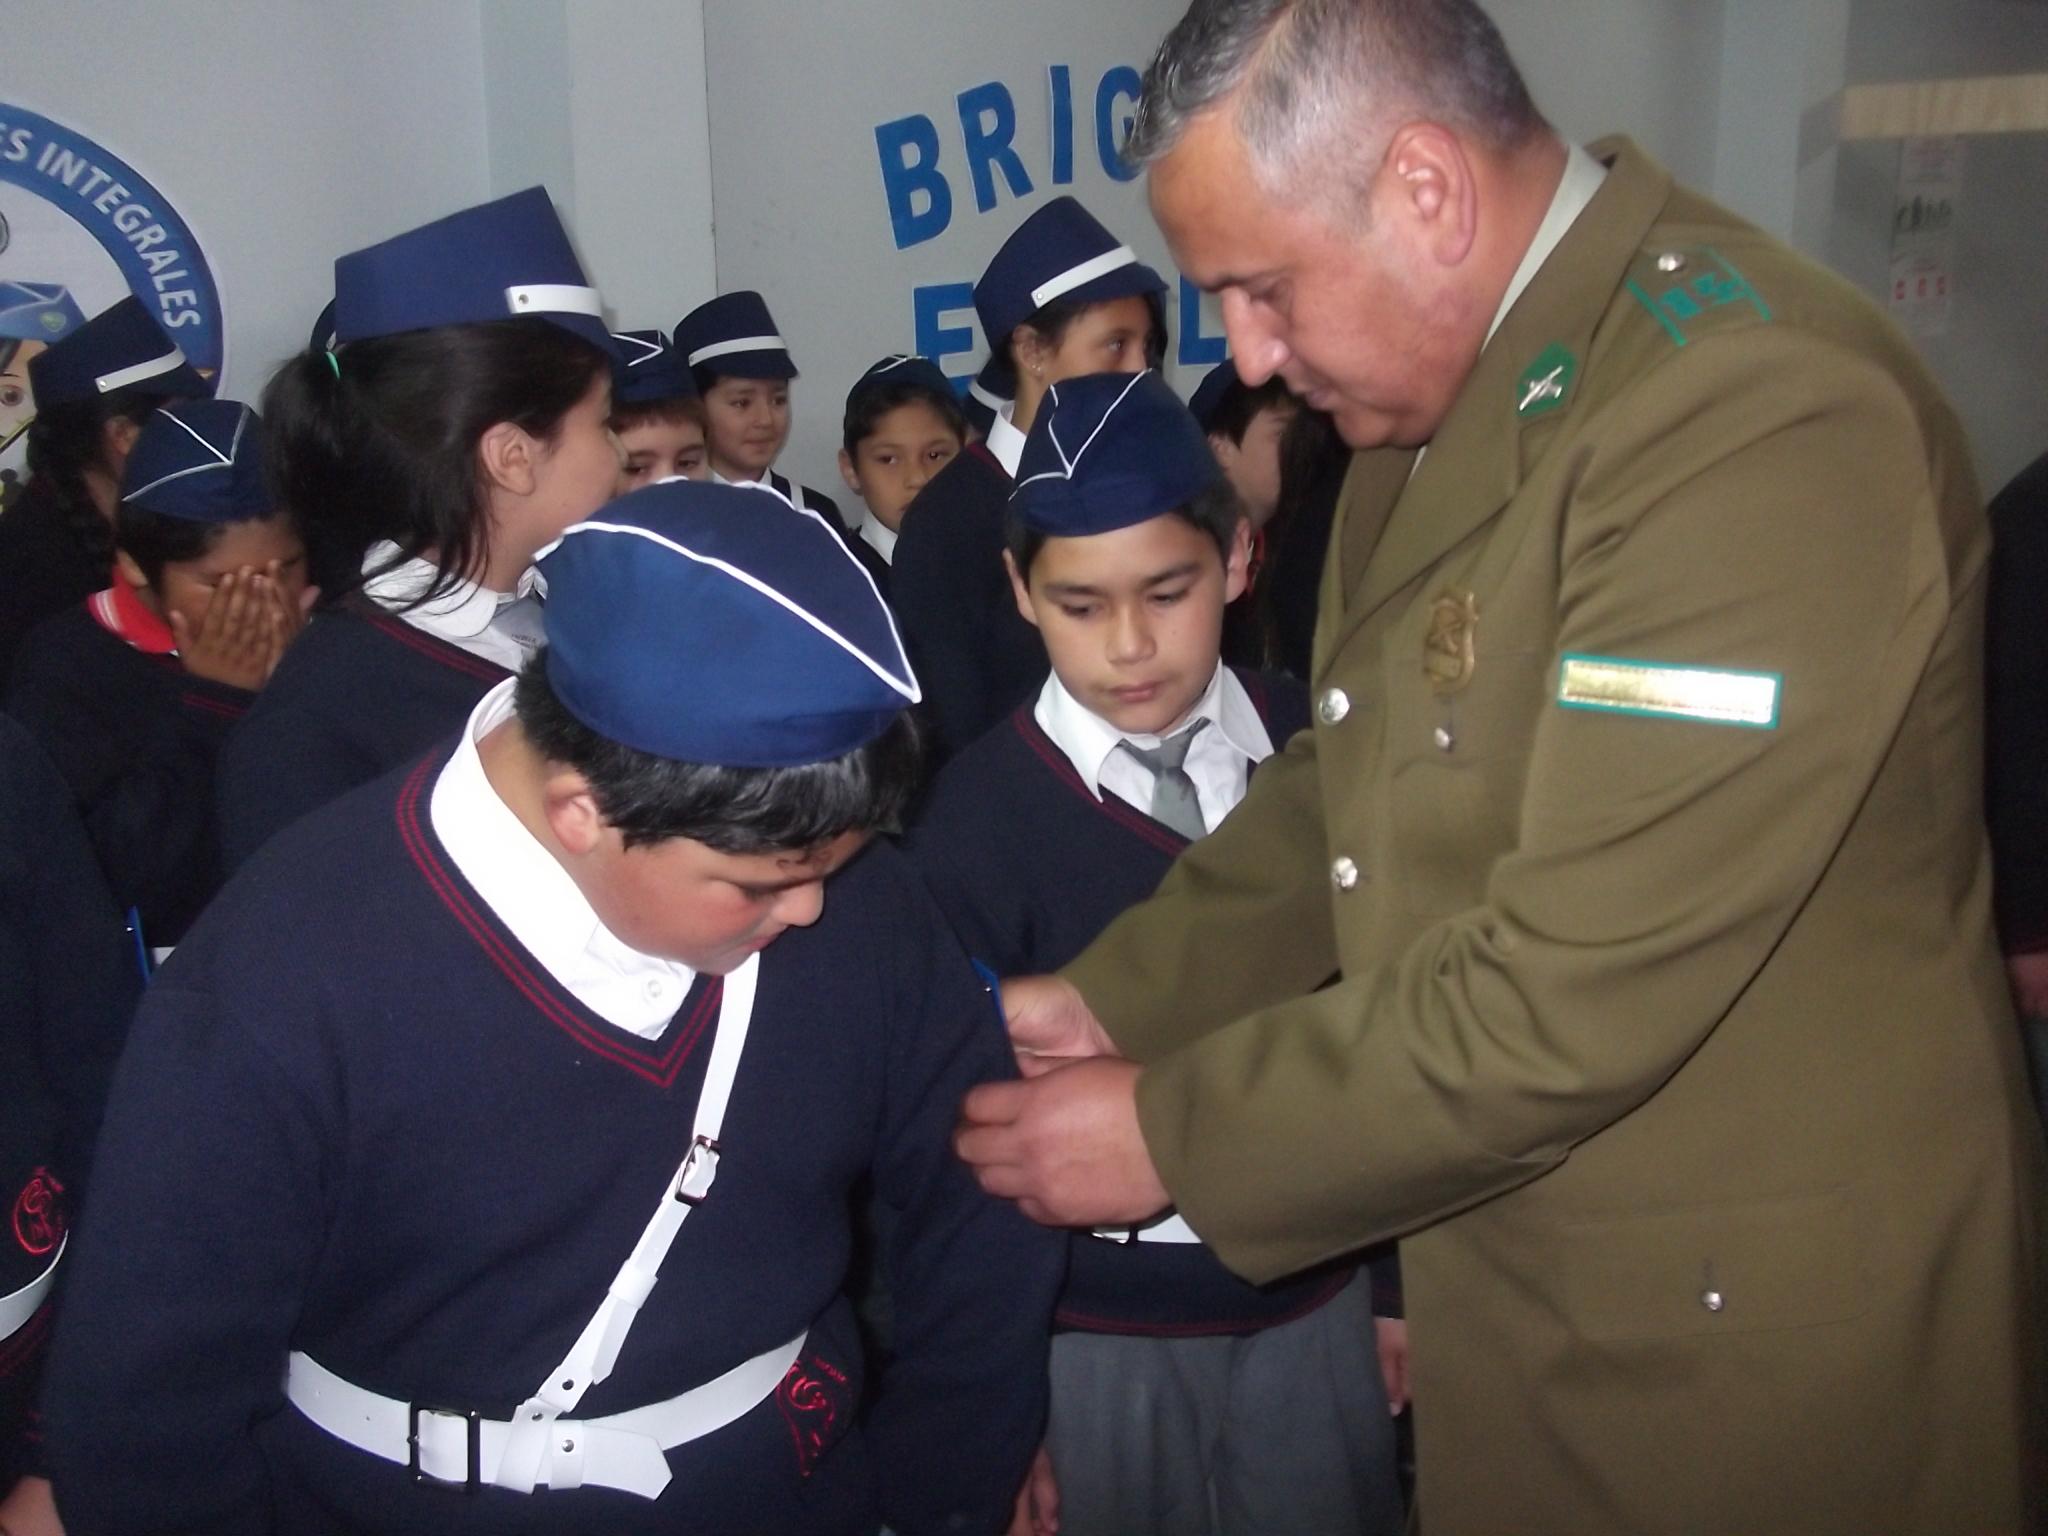 Creación de Brigada Escolar en el colegio Enrique Donn Müller de Constitución